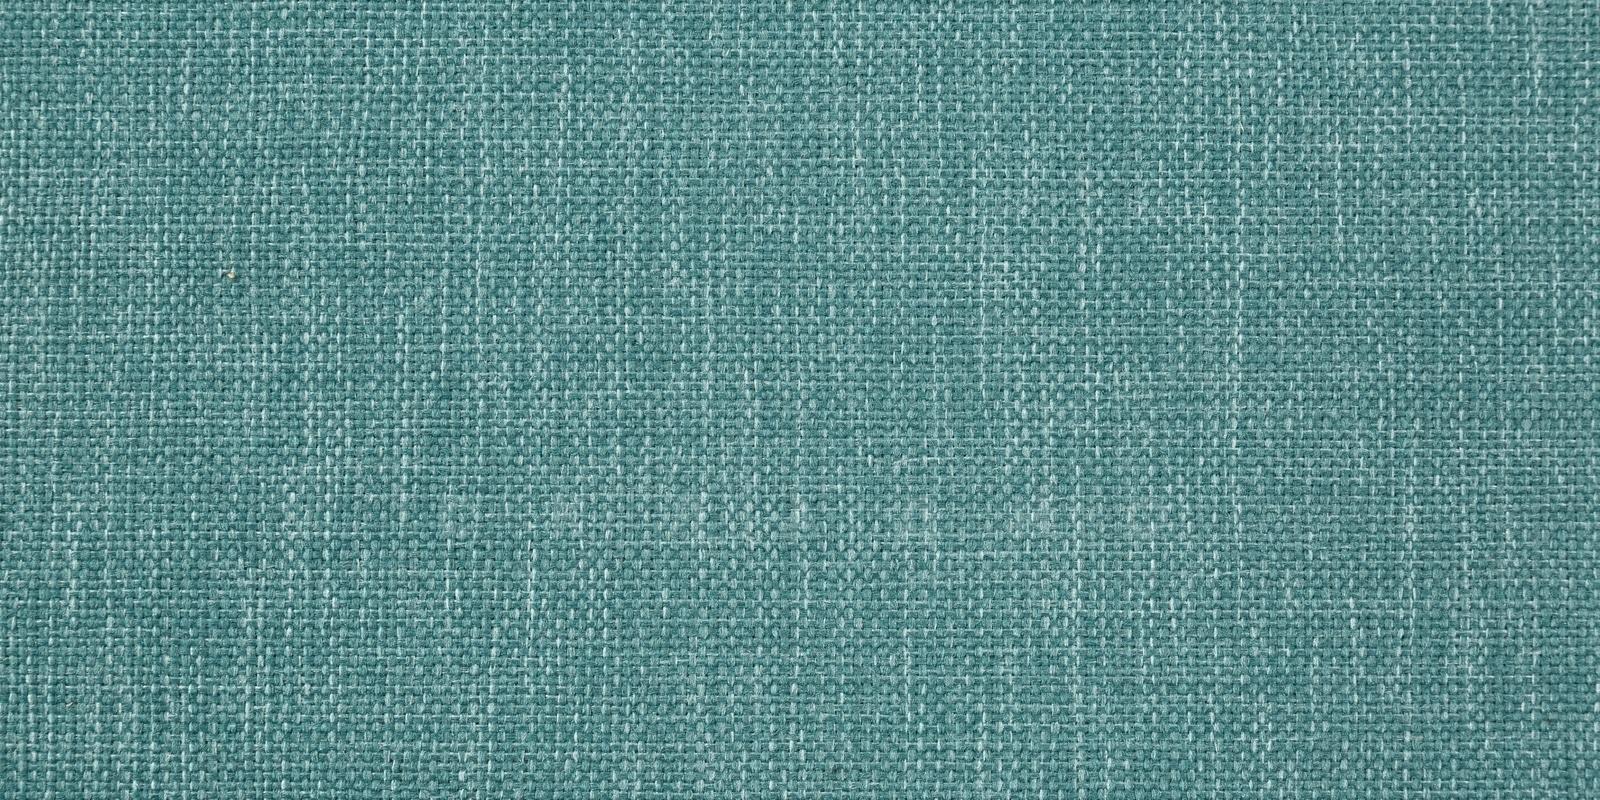 Диван Парма бирюзовый рогожка фото 8 | интернет-магазин Складно